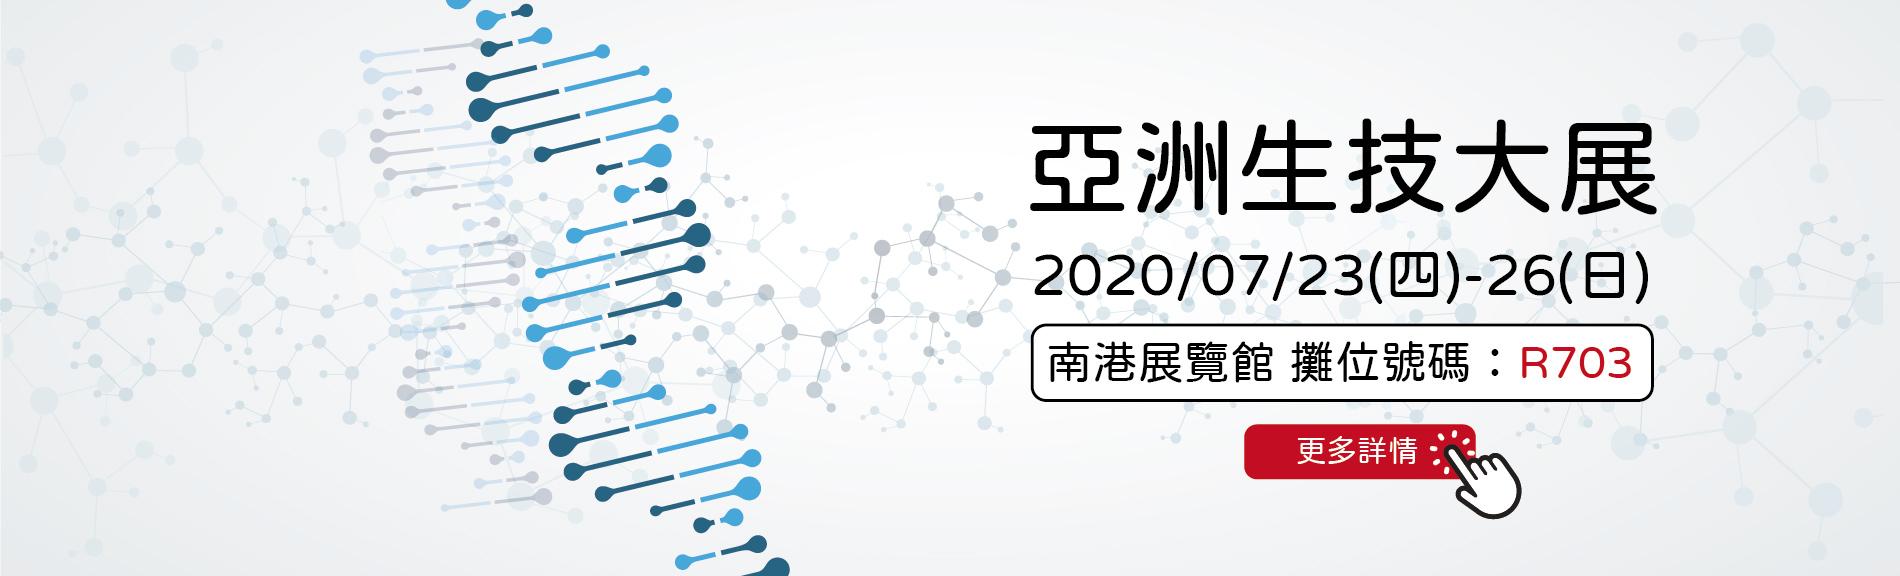 2020亞洲生技大展|中國醫藥大學暨醫療體系